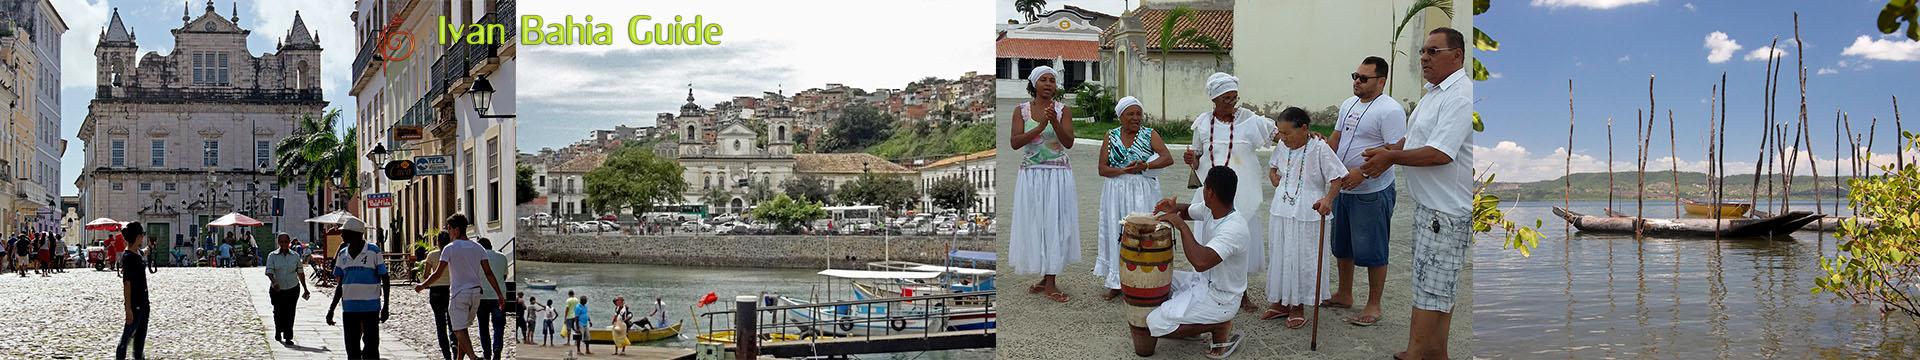 Ivan Salvador da Bahia tour-guide / A round trip in Salvador and Colonial Bahia (Cacnoeira & Candomblé included) #yourtoursbrazil #maurotours #bahiatopturismo #bahiapremium #maisbahiaturismo #fernandobingretourguide #cassiturismo